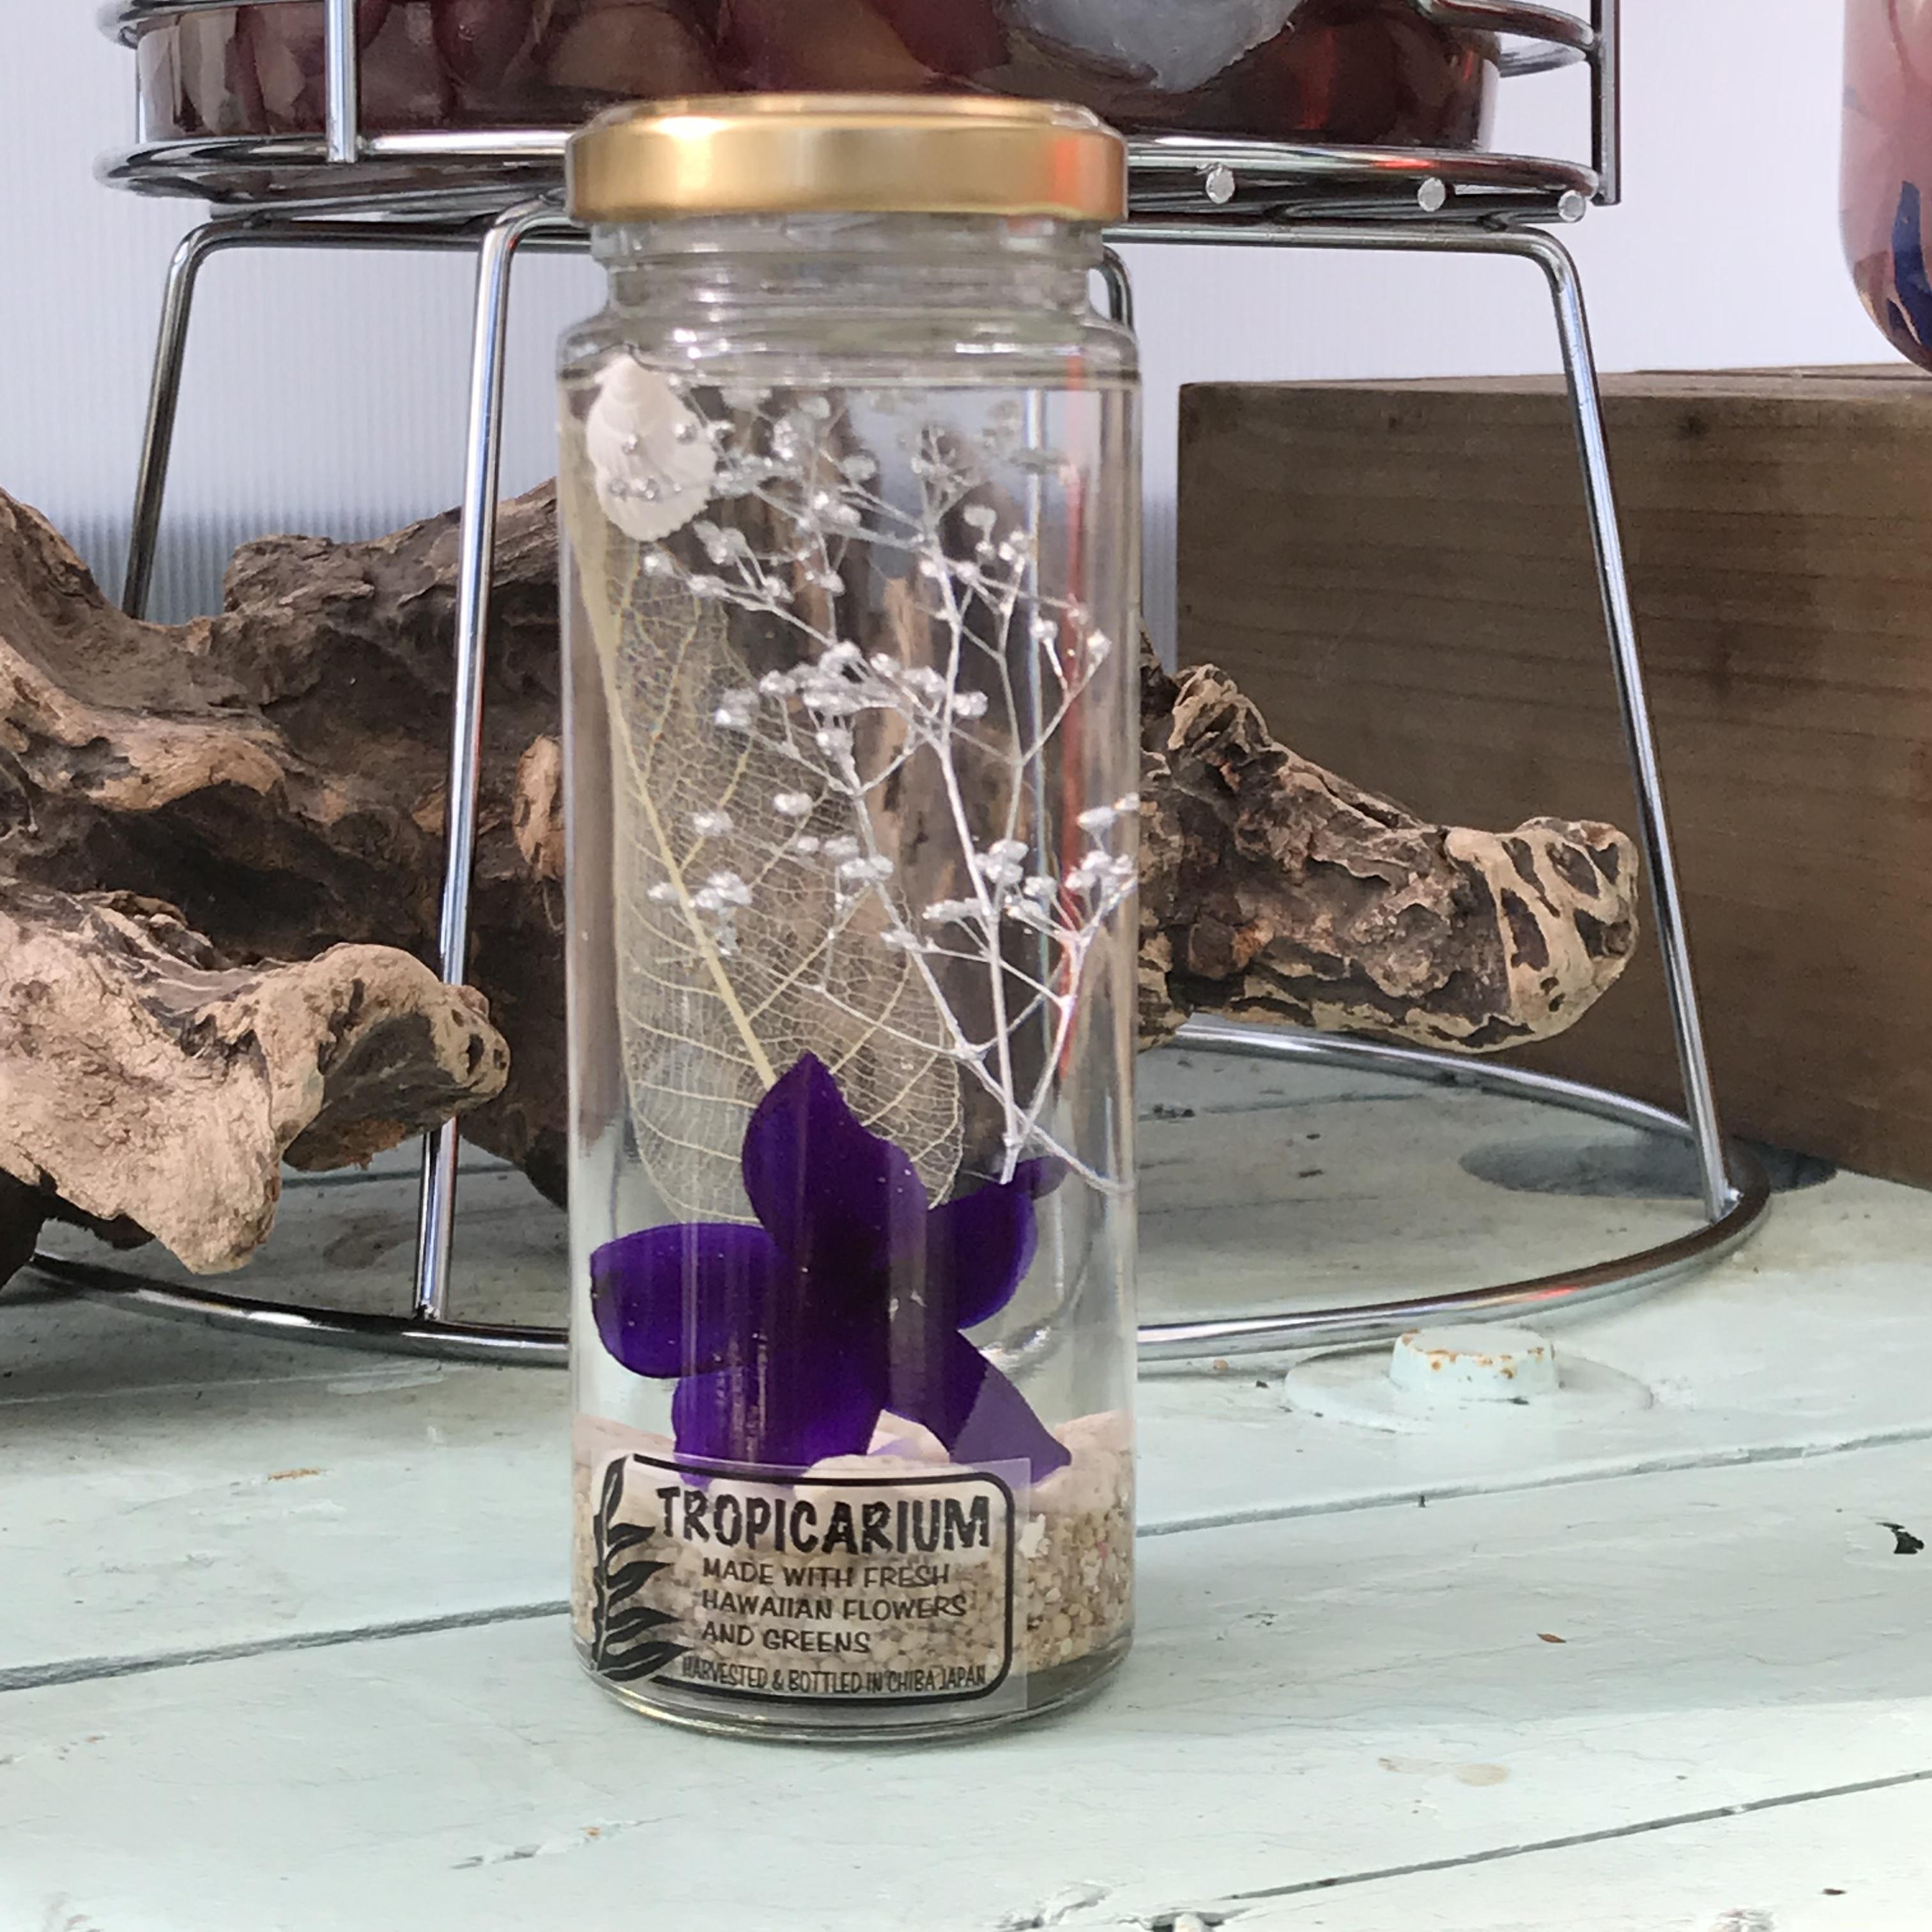 【ハワイアンなハーバリウム】プルメリアのトロピカリウム|ミッドナイトパープル(スリムボトル・プリザーブド)